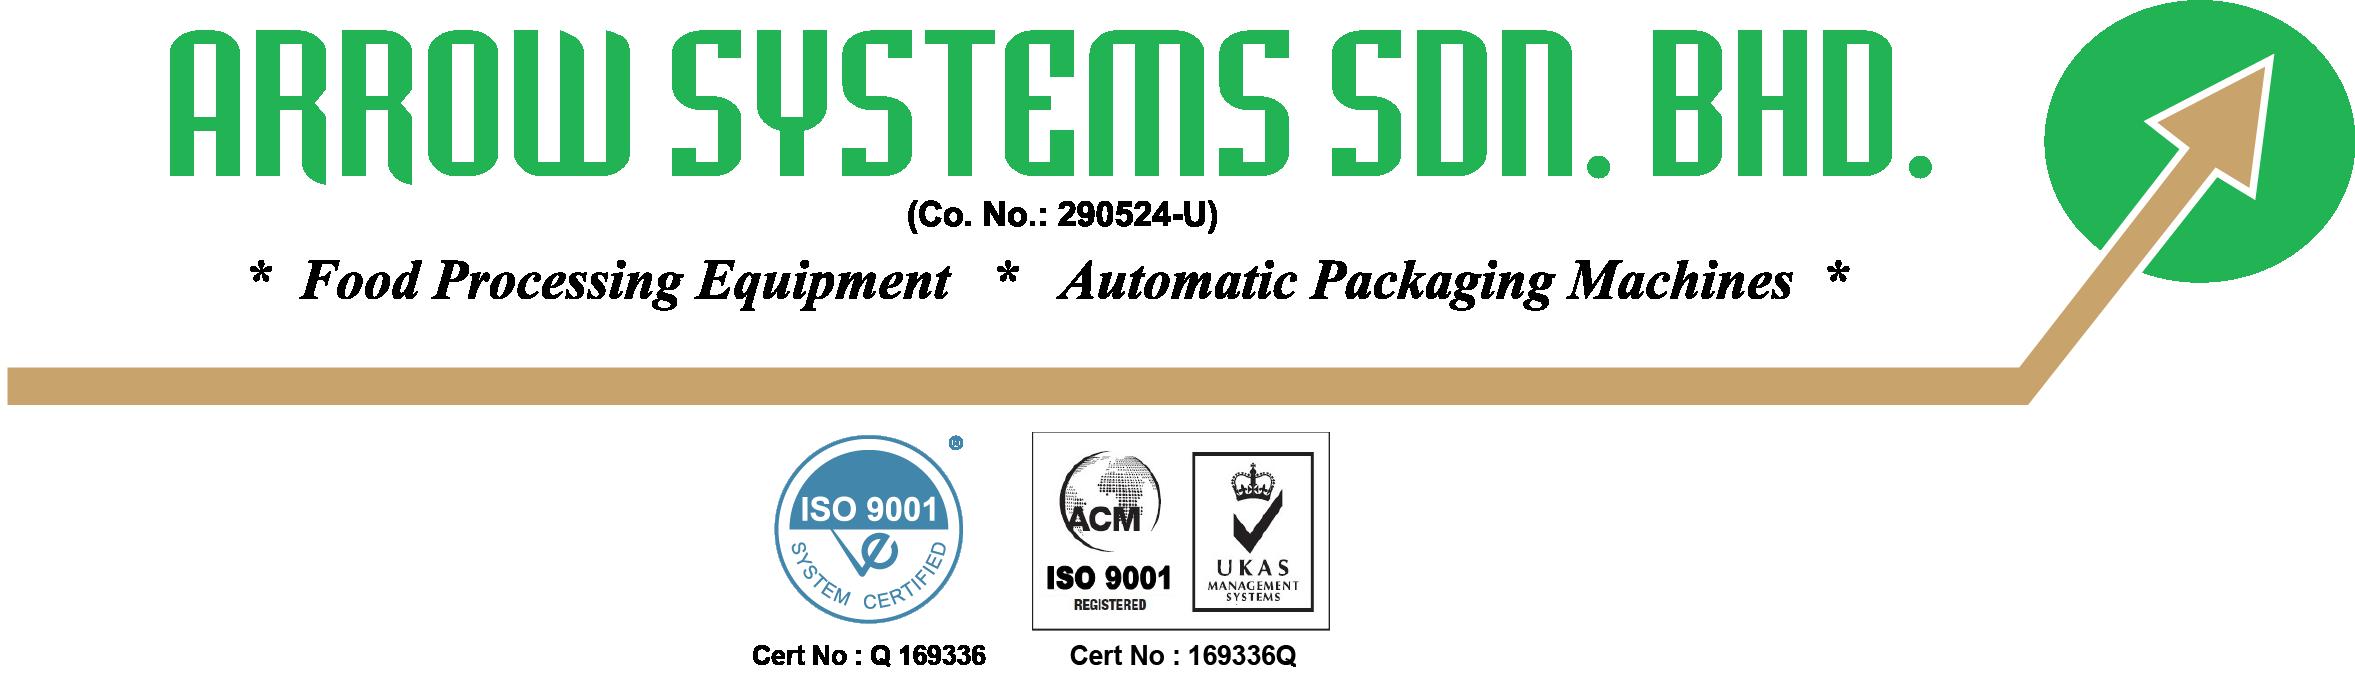 Arrow Systems Sdn Bhd